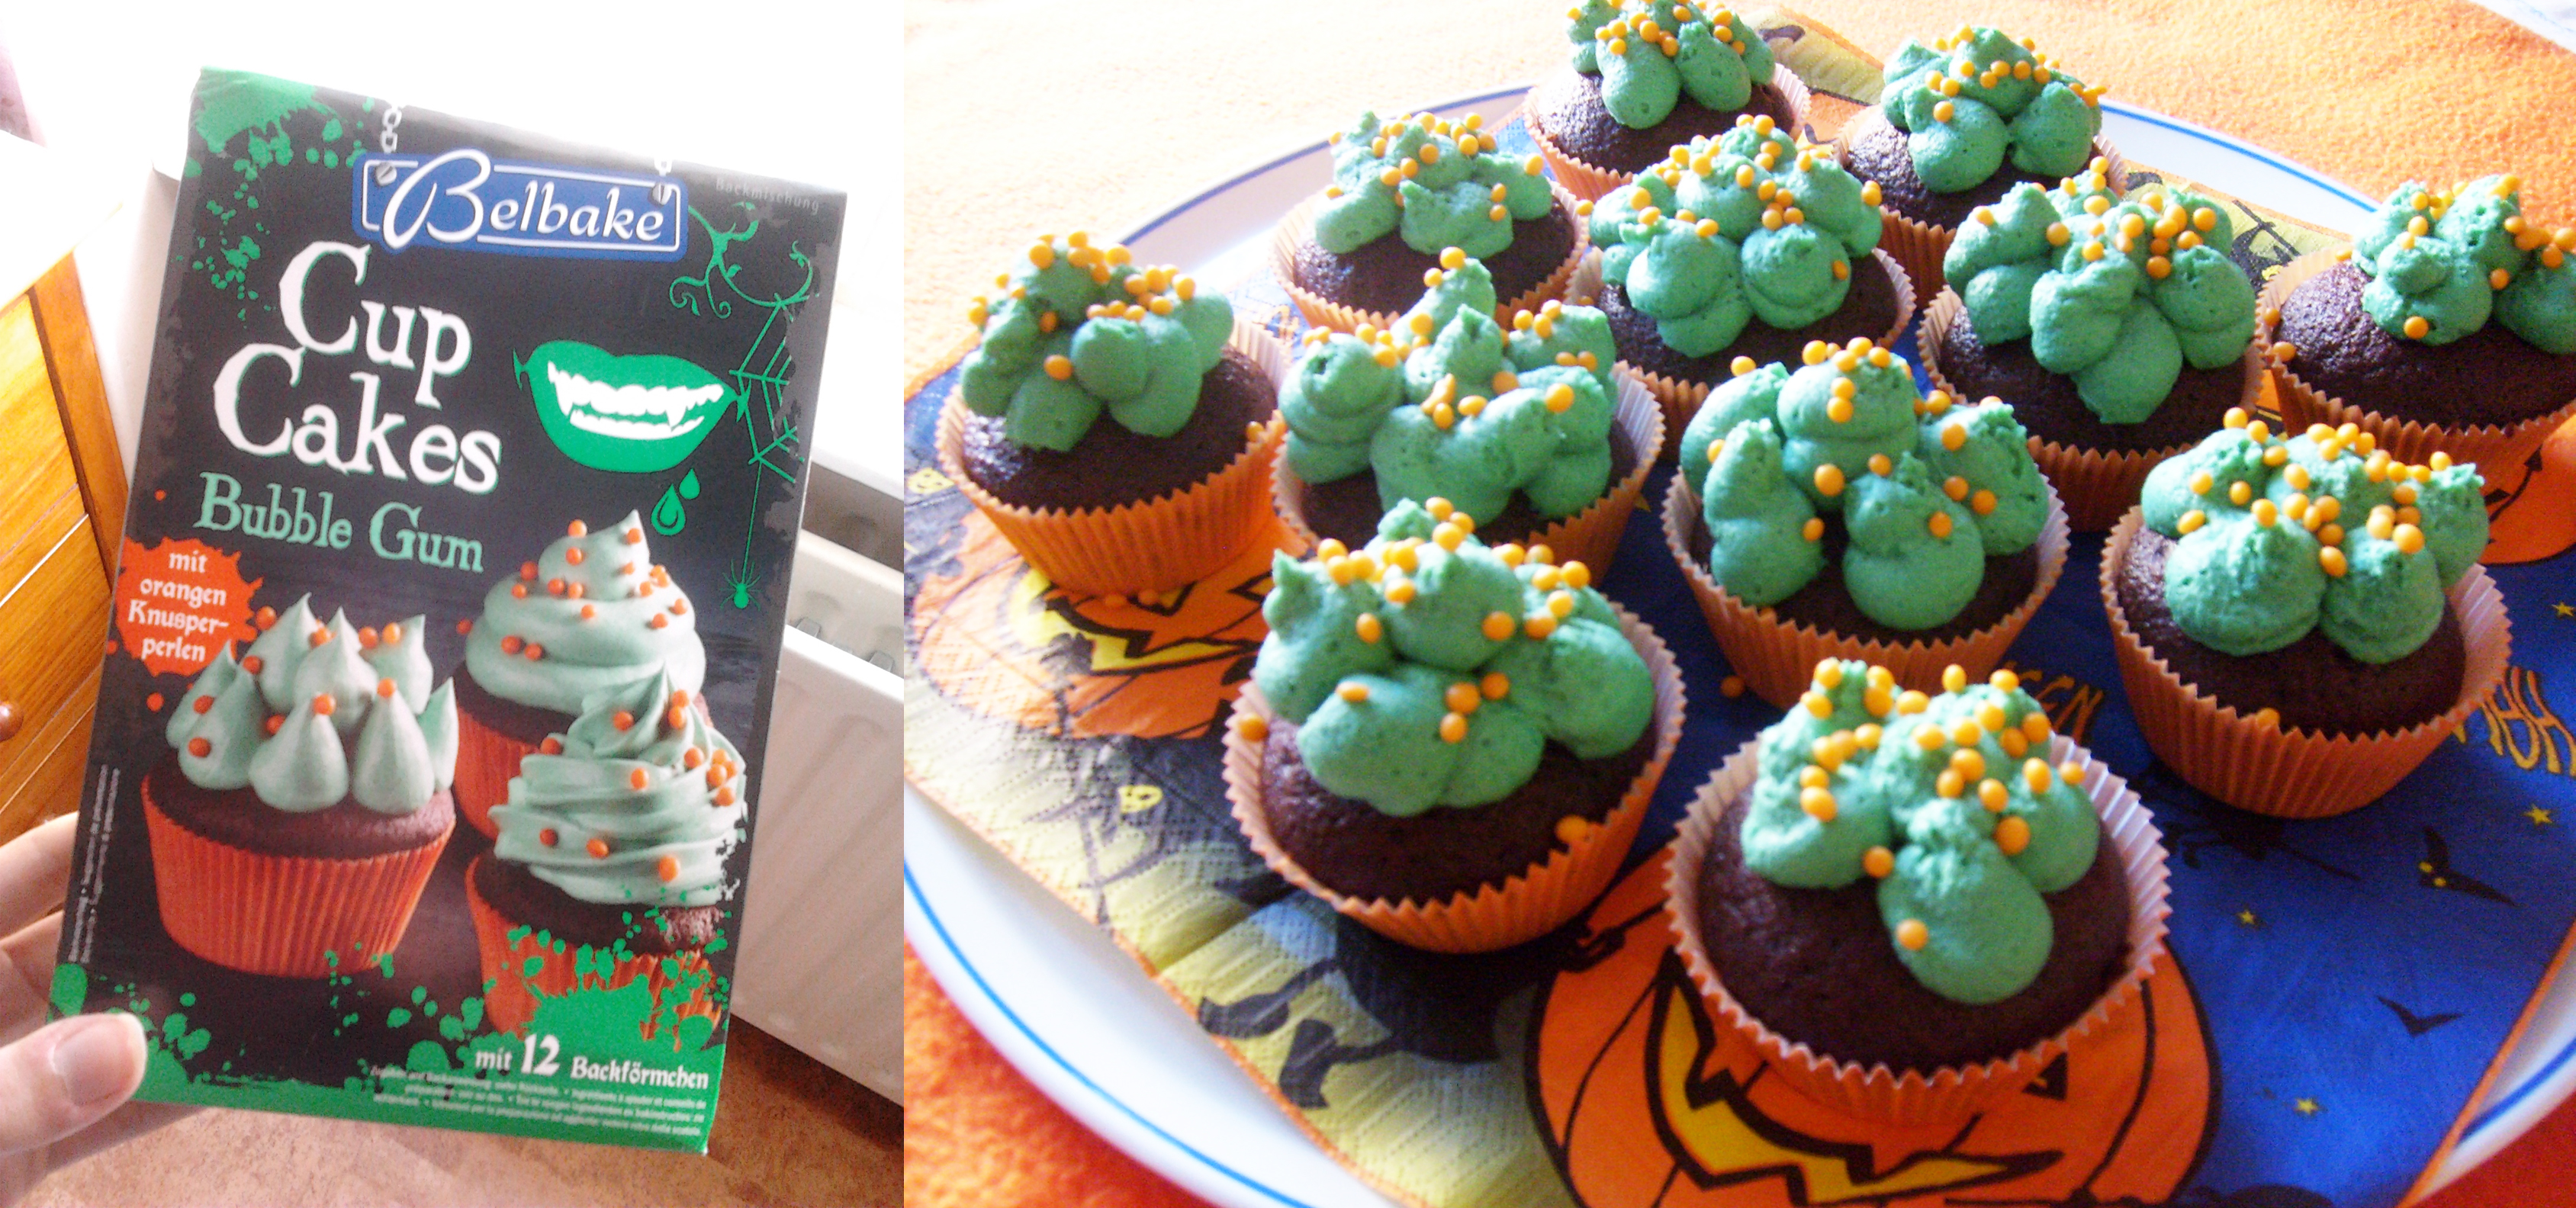 Belbake - Cupcakes